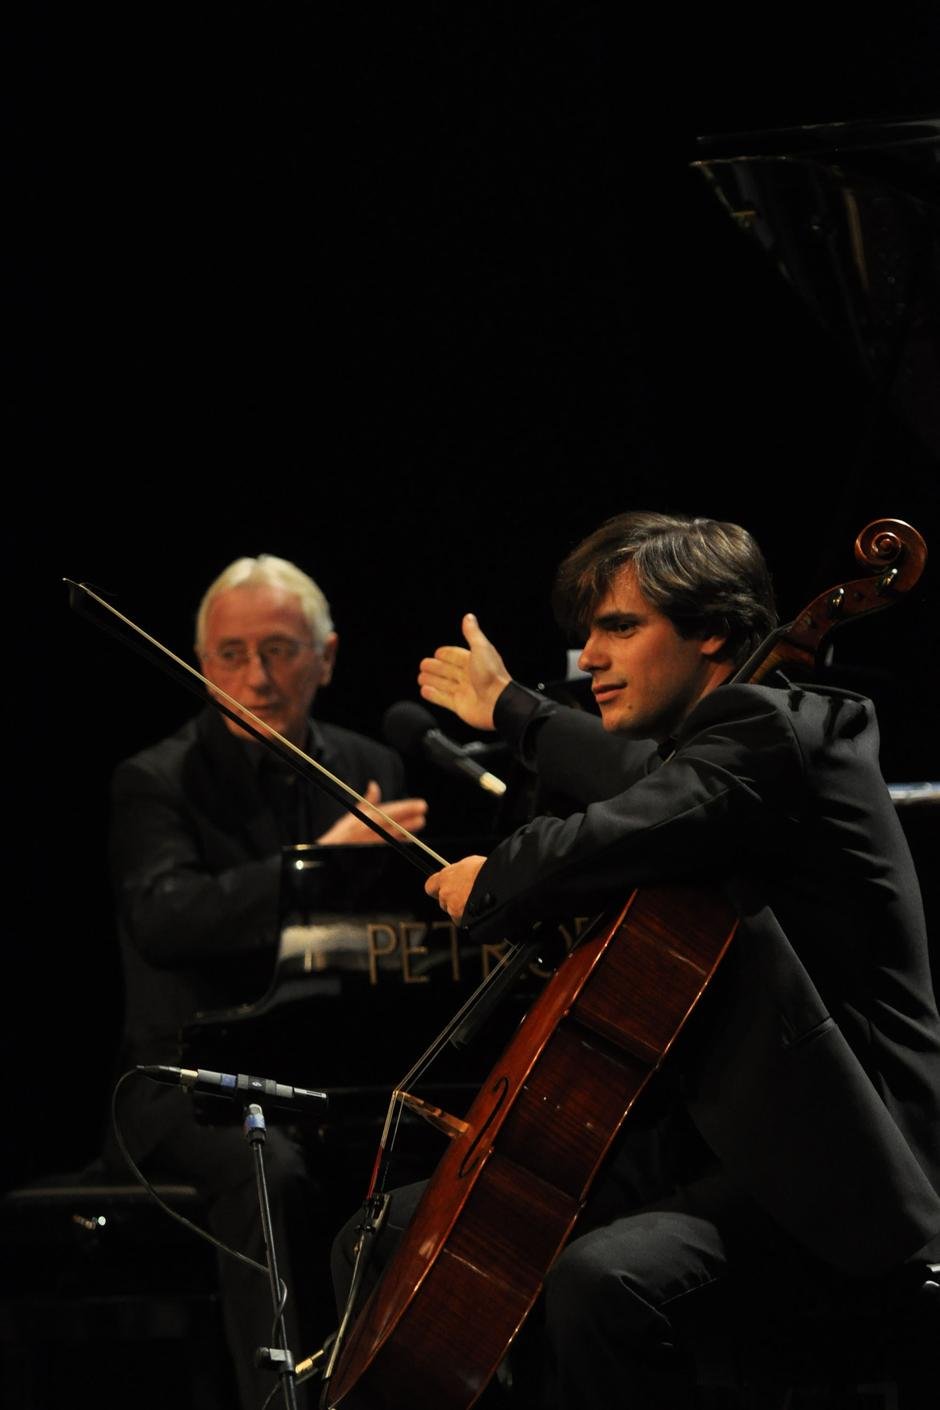 Oliver i Stjepan Hauser za Božić 2011. u Puli   Author: Duško Marušić/Pixsell